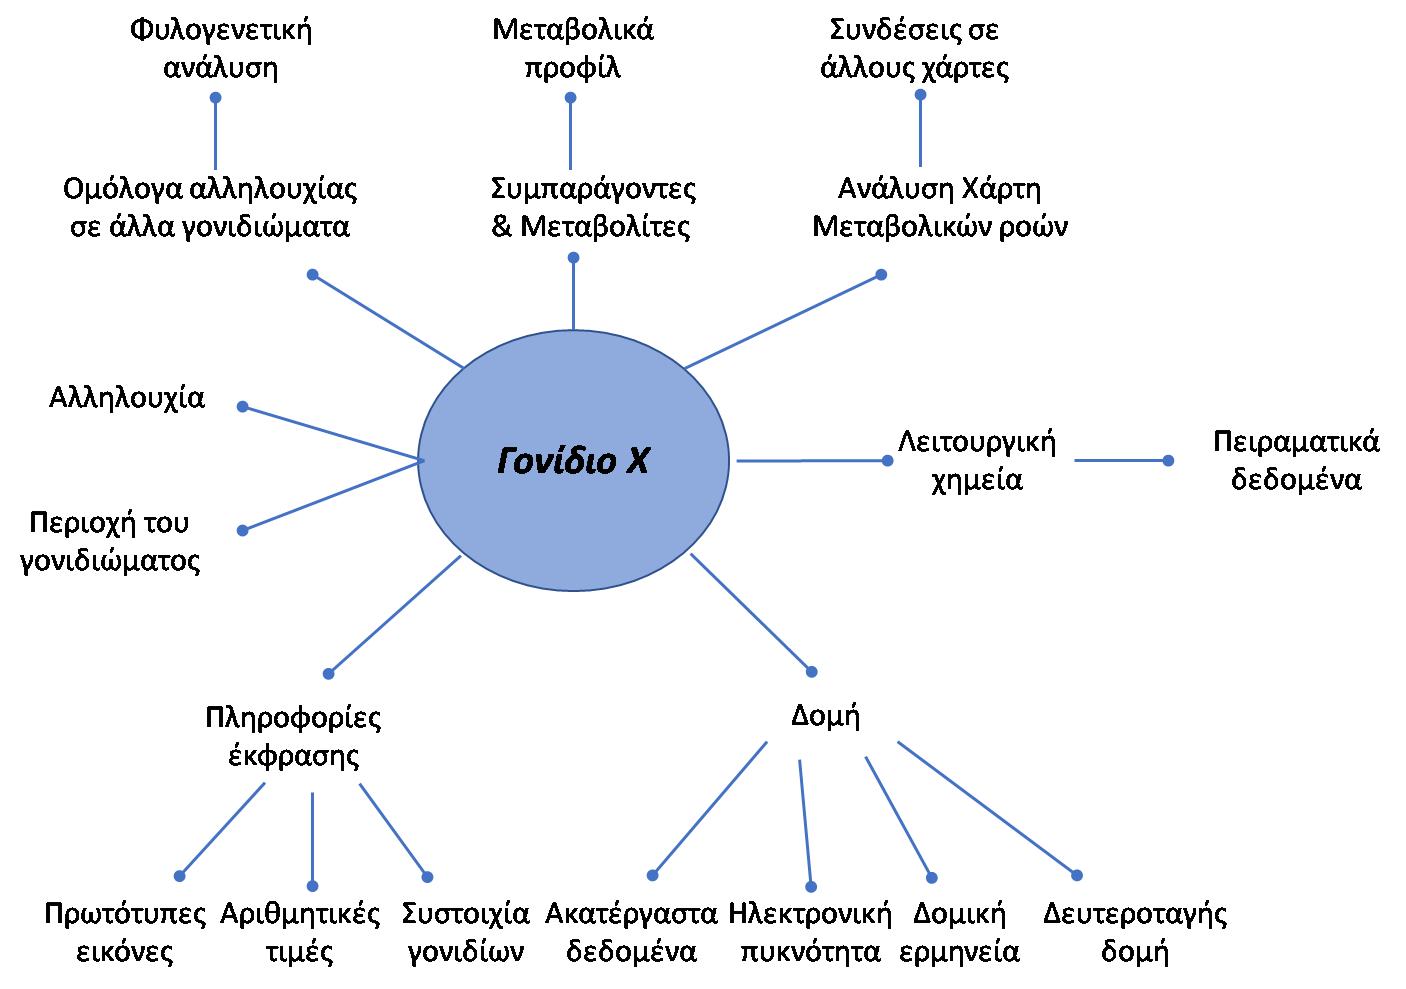 Εικόνα 5. Πληροφορίες που σχετίζονται με ένα μόνο γονίδιο